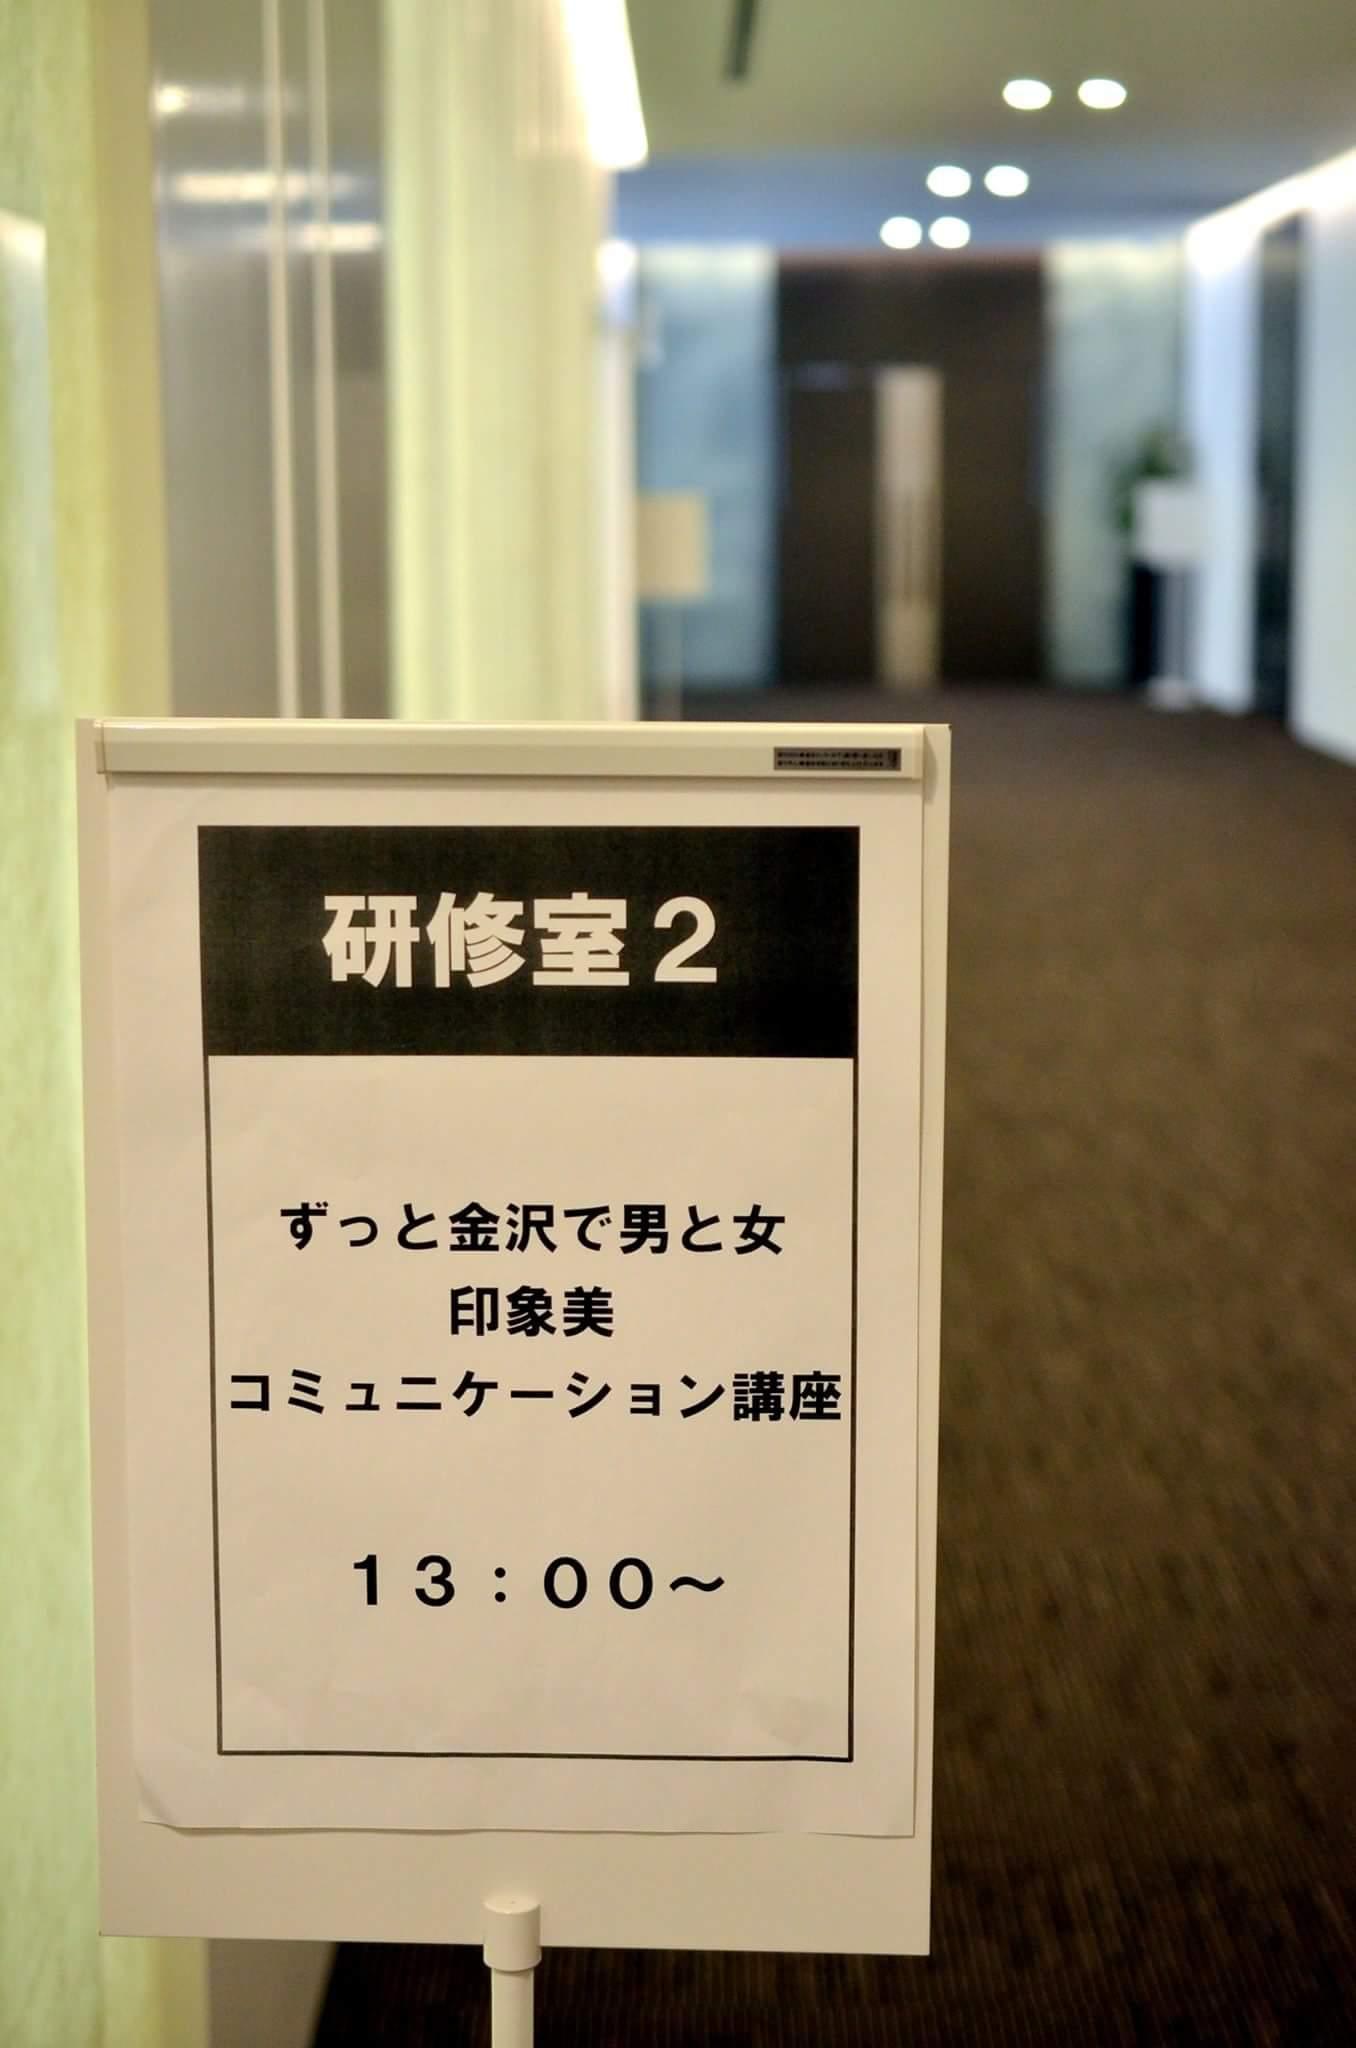 ずっと金沢で男と女~印象美®コミュニケーション_e0334462_20305655.jpeg